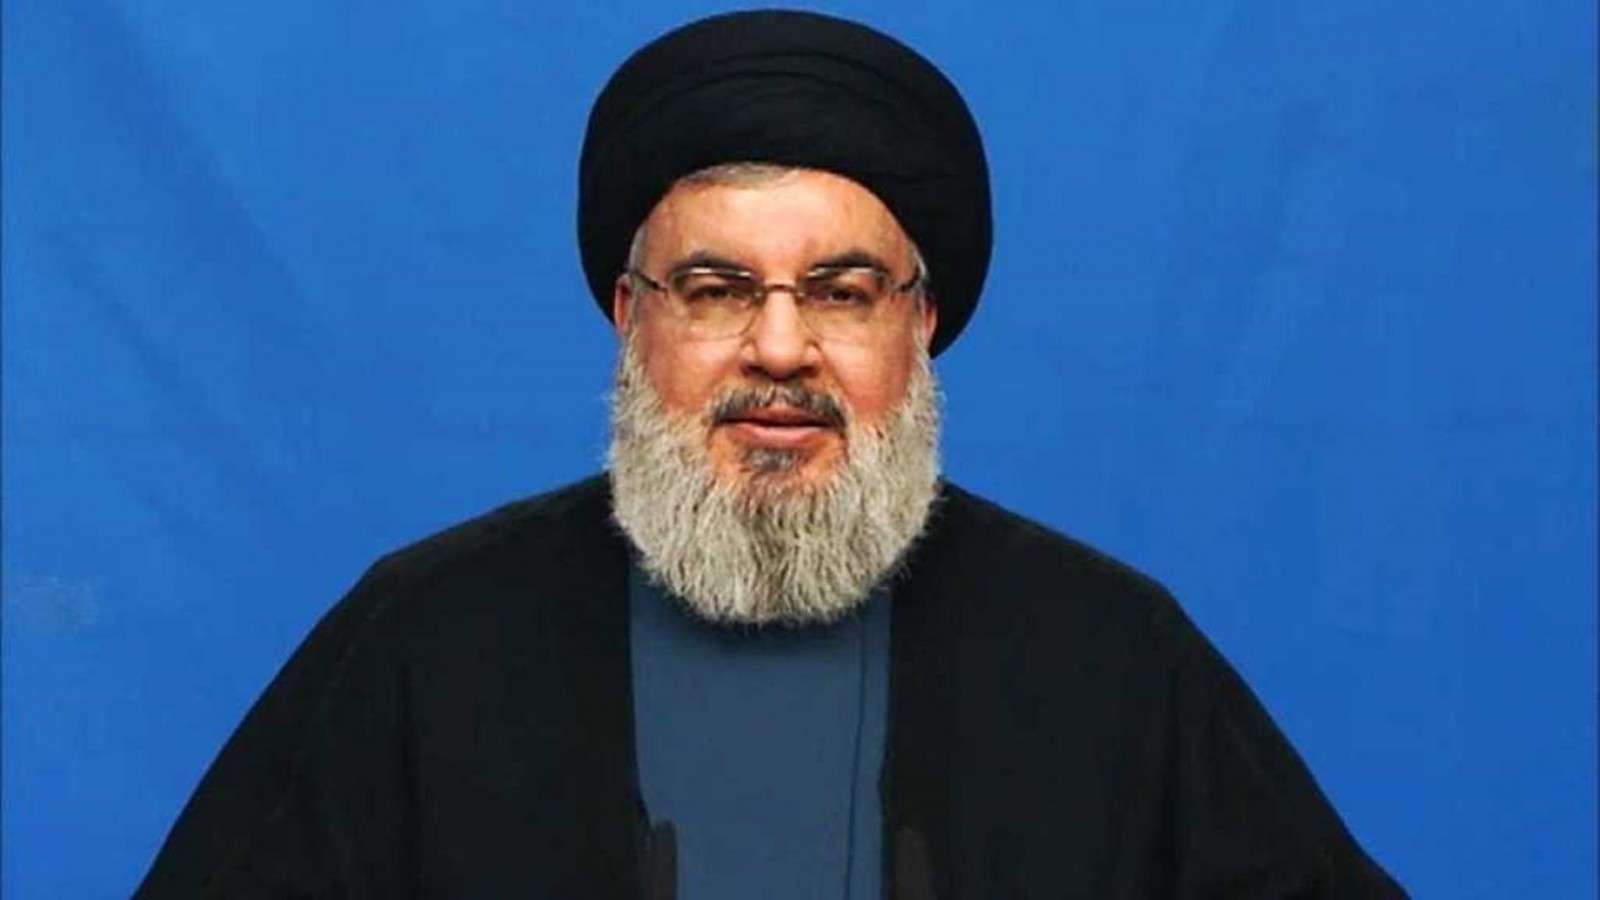 نصر الله يعلن وصول باخرة المازوت الإيرانية, صحيفة عربية -بروفايل نيوز